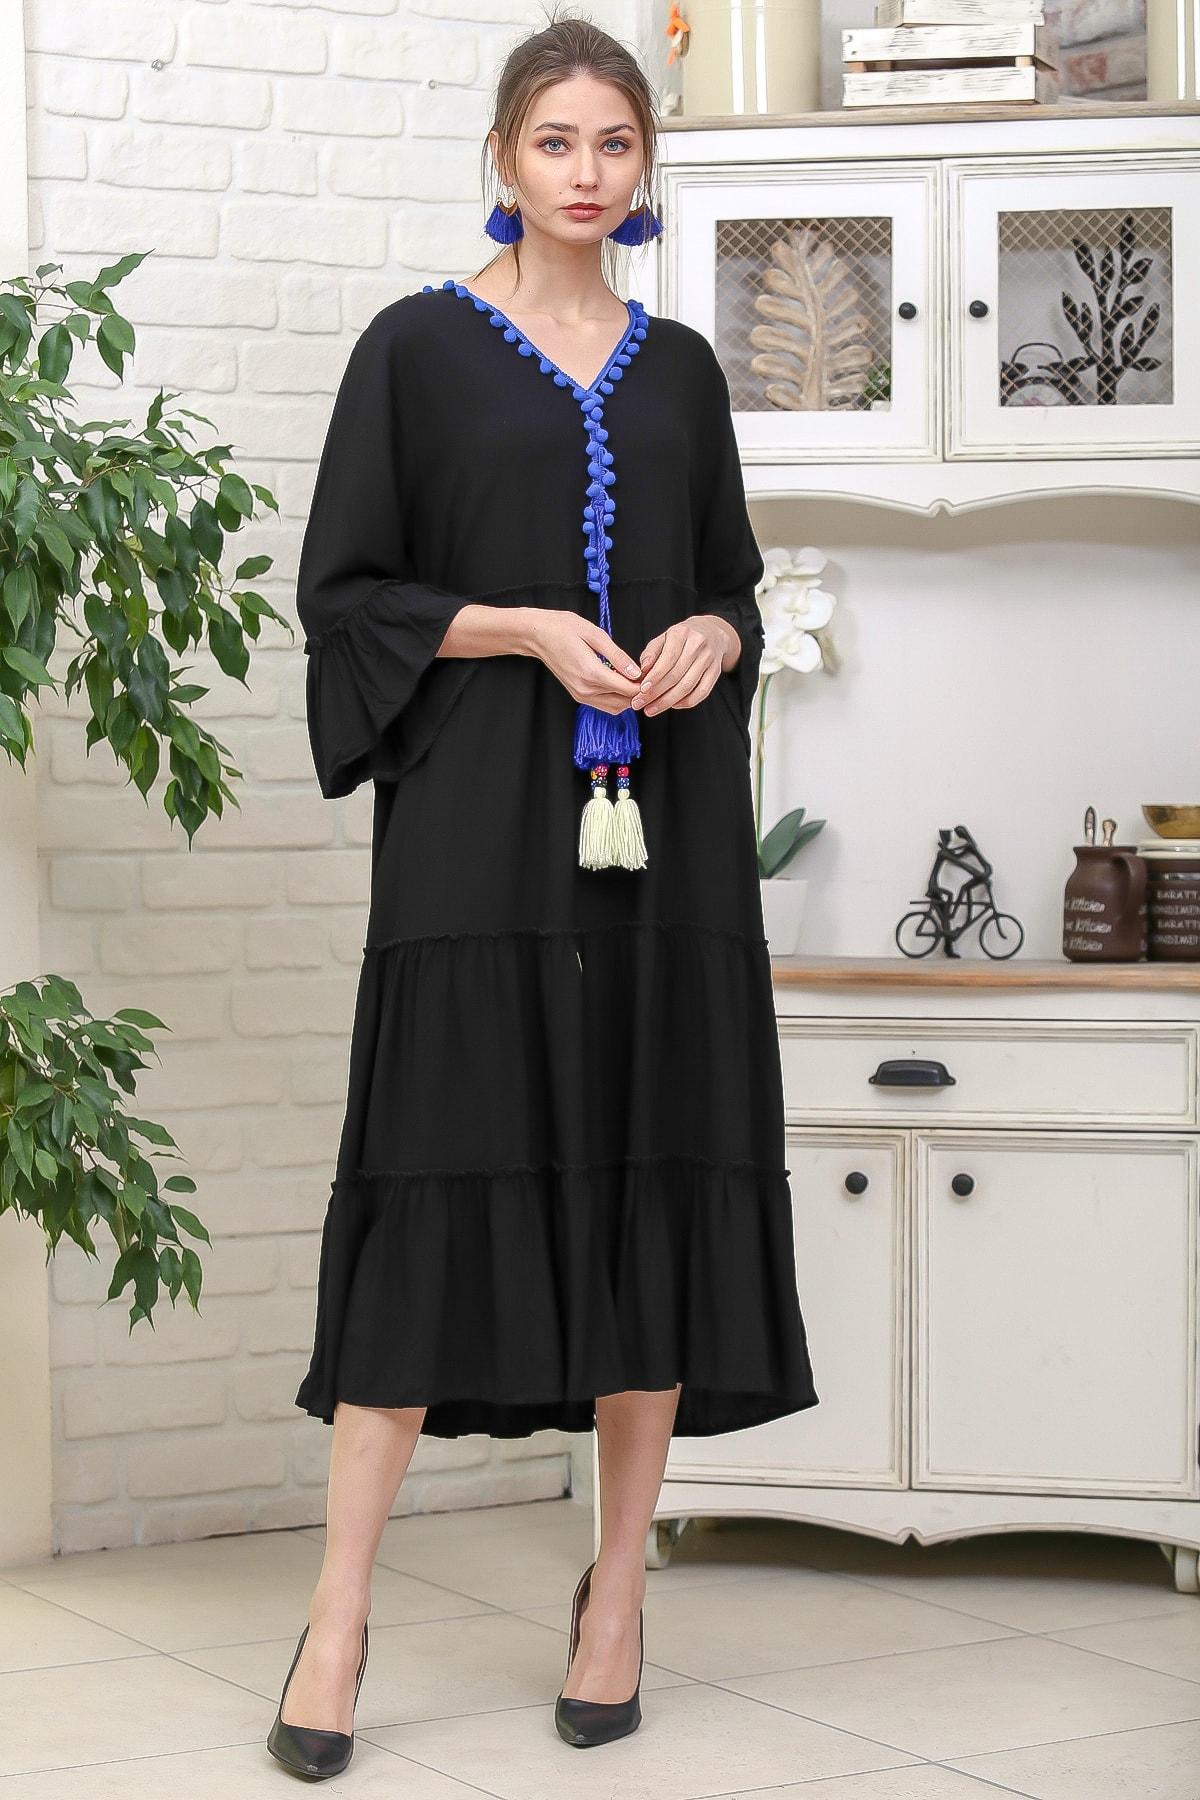 Chiccy Kadın Siyah-Mavi V Yaka Ponpon Detaylı Püsküllü Bağcıklı Salaş Dokuma Elbise M10160000EL95931 1